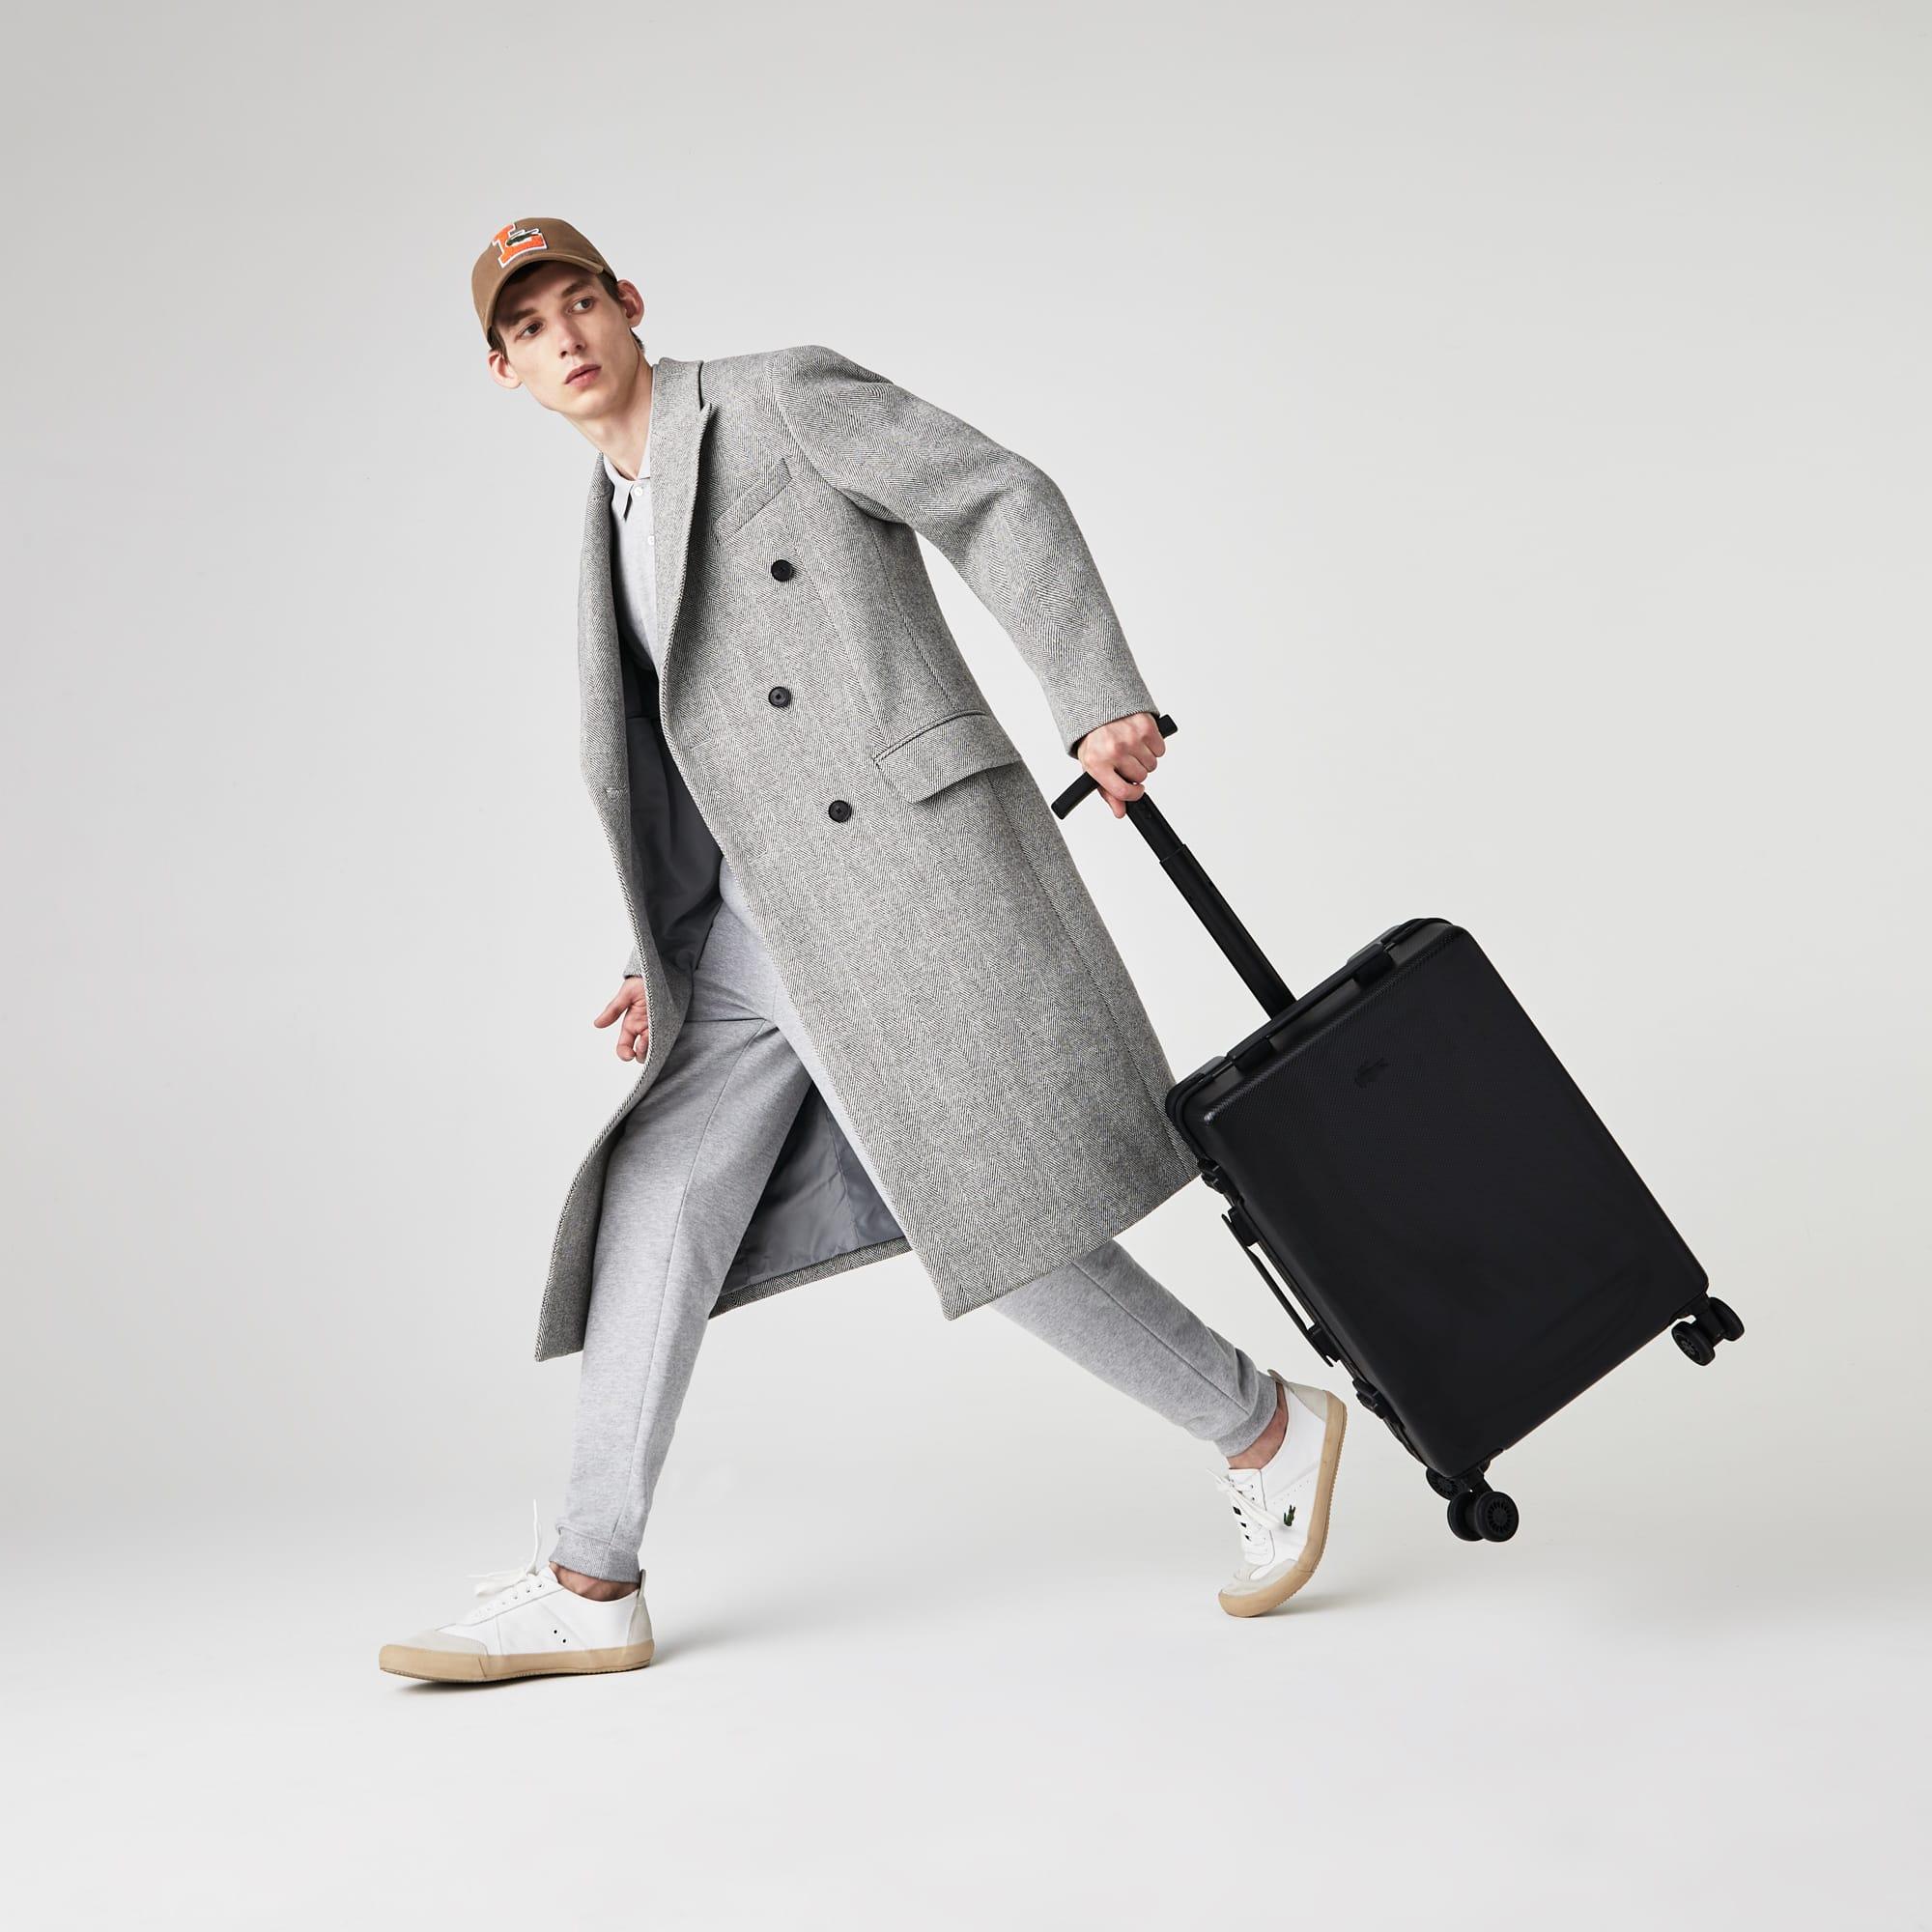 ea508f0c8e Men's Chantaco Polycarbonate Cabin Suitcase | LACOSTE